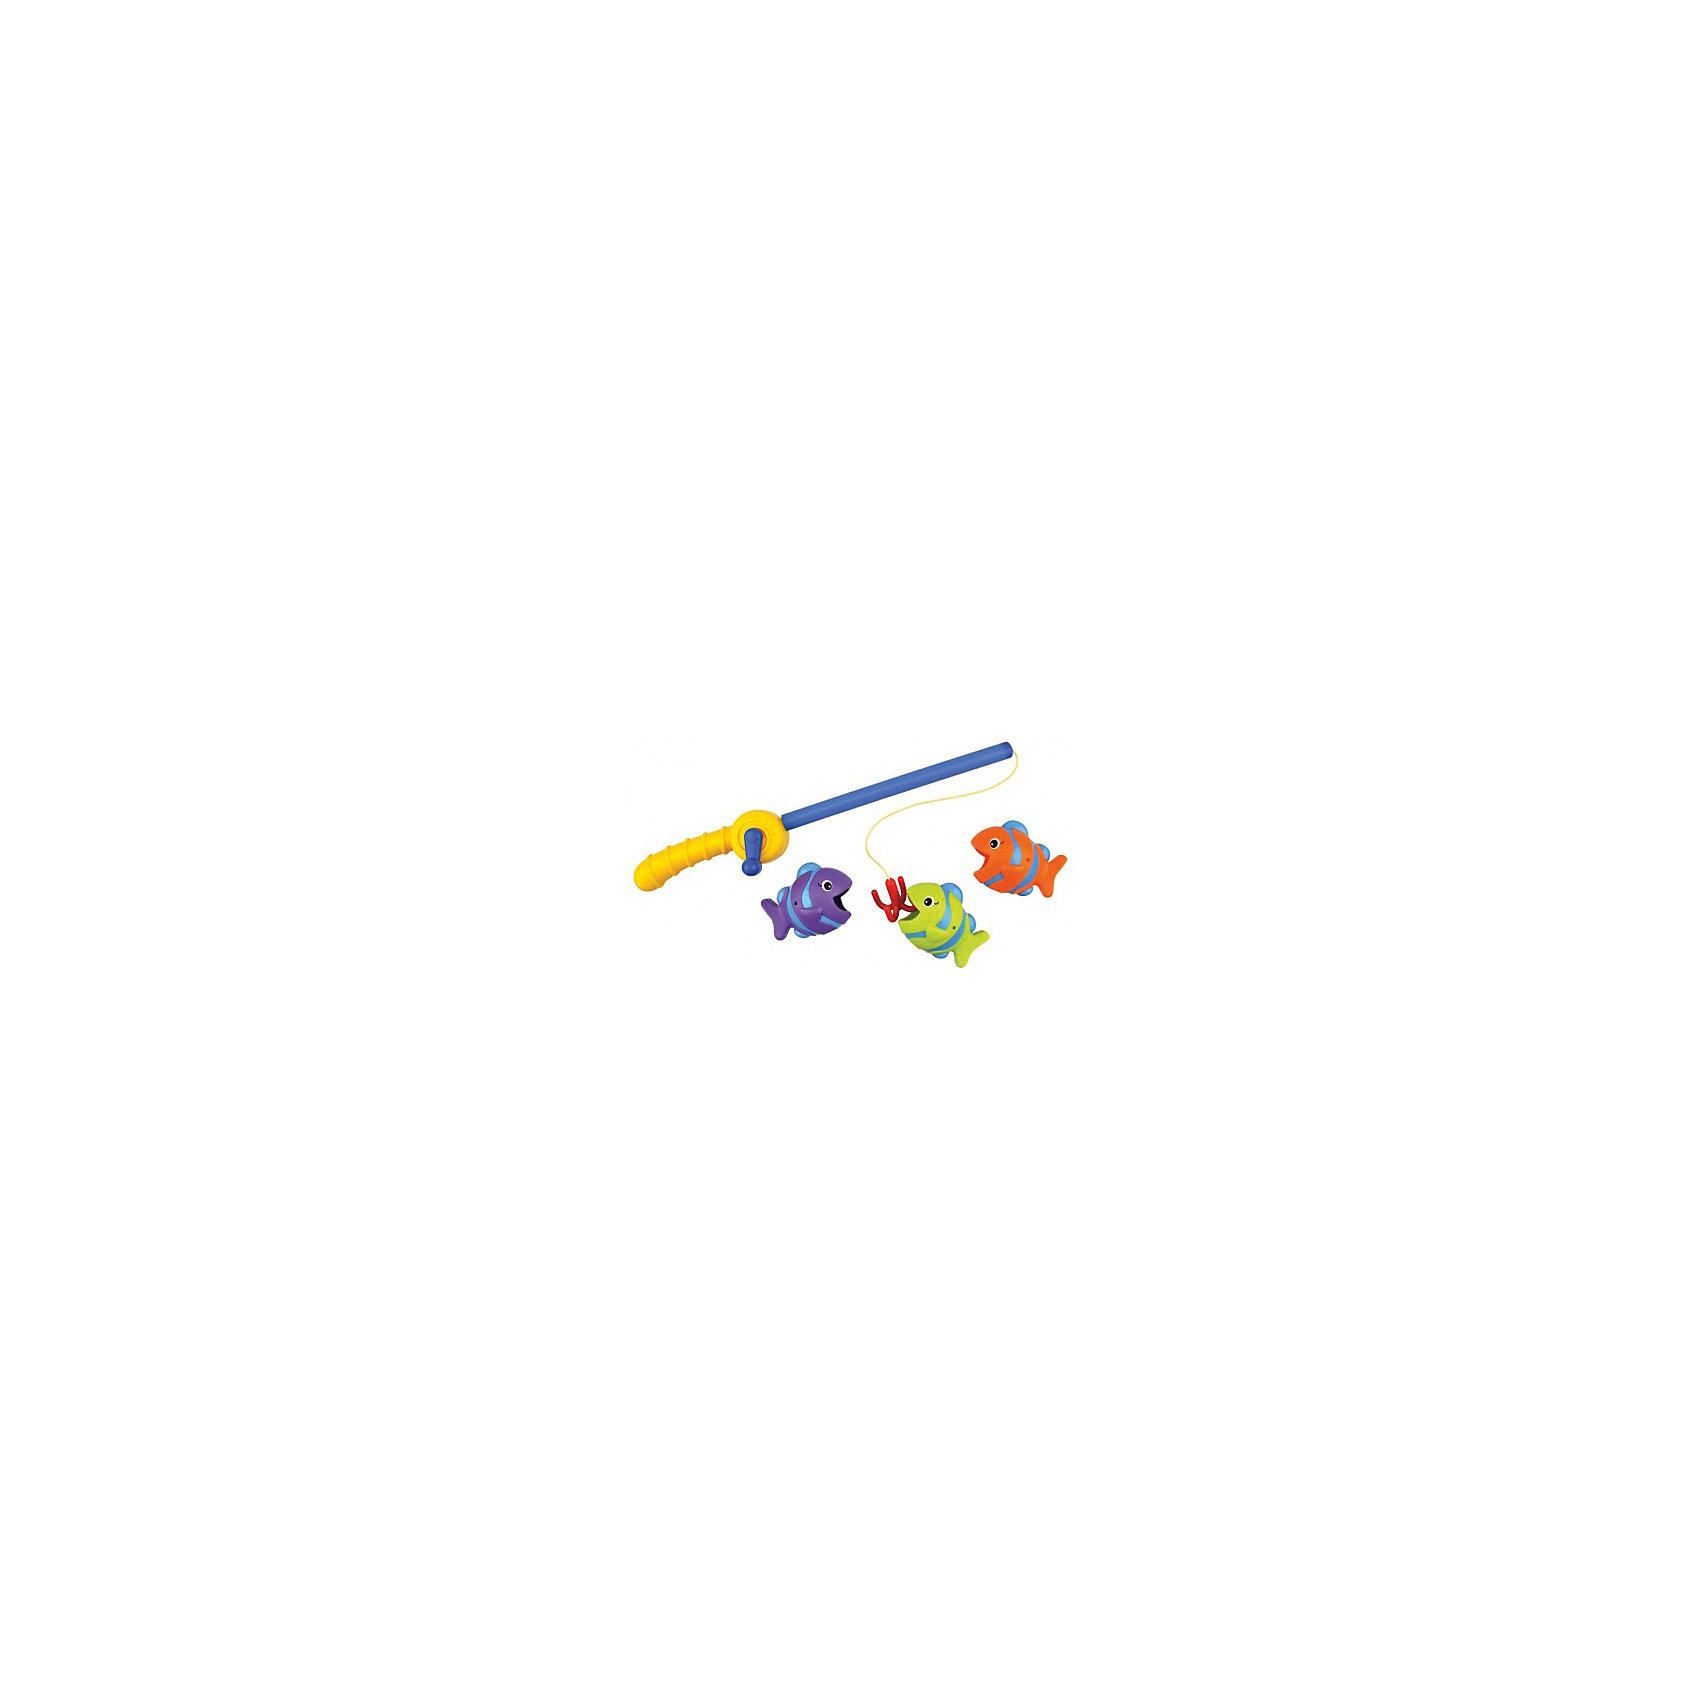 Время рыбалки, Ks KidsВремя рыбалки, Ks Kids (Кс Кидс) сделает купание малыша настоящим событием. Теперь ваш ребенок не просто идет купаться, он идет на рыбалку! А чтобы рыбалка была удачной, необходима удочка. Удочка от Кс Кидс имитирует настоящую: у нее есть удобная ручка, катушка и настоящий крючок. В комплекте к удочке прилагаются три яркие разноцветные рыбки, ротики у рыбок широко открыты, чтобы без труда их можно было поймать на крючок. <br>Время рыбалки, Ks Kids (Кс Кидс) развивает у ребенка координацию движений, ловкость рук. Игрушку можно использовать не только для игр в воде, но и на суше. Рыбалка обучает малыша усидчивости и терпению.<br><br>Дополнительная информация:<br><br>- Вид игр: игры в воде, сюжетно-ролевая игра<br>- Предназначение: для ванной, для бассейна<br>- Материал: качественный пластик<br>- Размер: длина удочки 35 см, размер каждой рыбки 8*6*5 см<br>- Вес: 433 г<br>- Комплектация: удочка, 3 рыбки<br>- Особенности ухода:  можно мыть в мыльной воде<br><br>Подробнее:<br><br>• Для детей в возрасте: от 1 года до 3 лет<br>• Страна производитель: Китай<br>• Торговый бренд: Ks Kids<br><br>Время рыбалки, Ks Kids (Кс Кидс) можно купить в нашем интернет-магазине.<br><br>Ширина мм: 290<br>Глубина мм: 262<br>Высота мм: 73<br>Вес г: 433<br>Возраст от месяцев: 12<br>Возраст до месяцев: 36<br>Пол: Унисекс<br>Возраст: Детский<br>SKU: 4790454